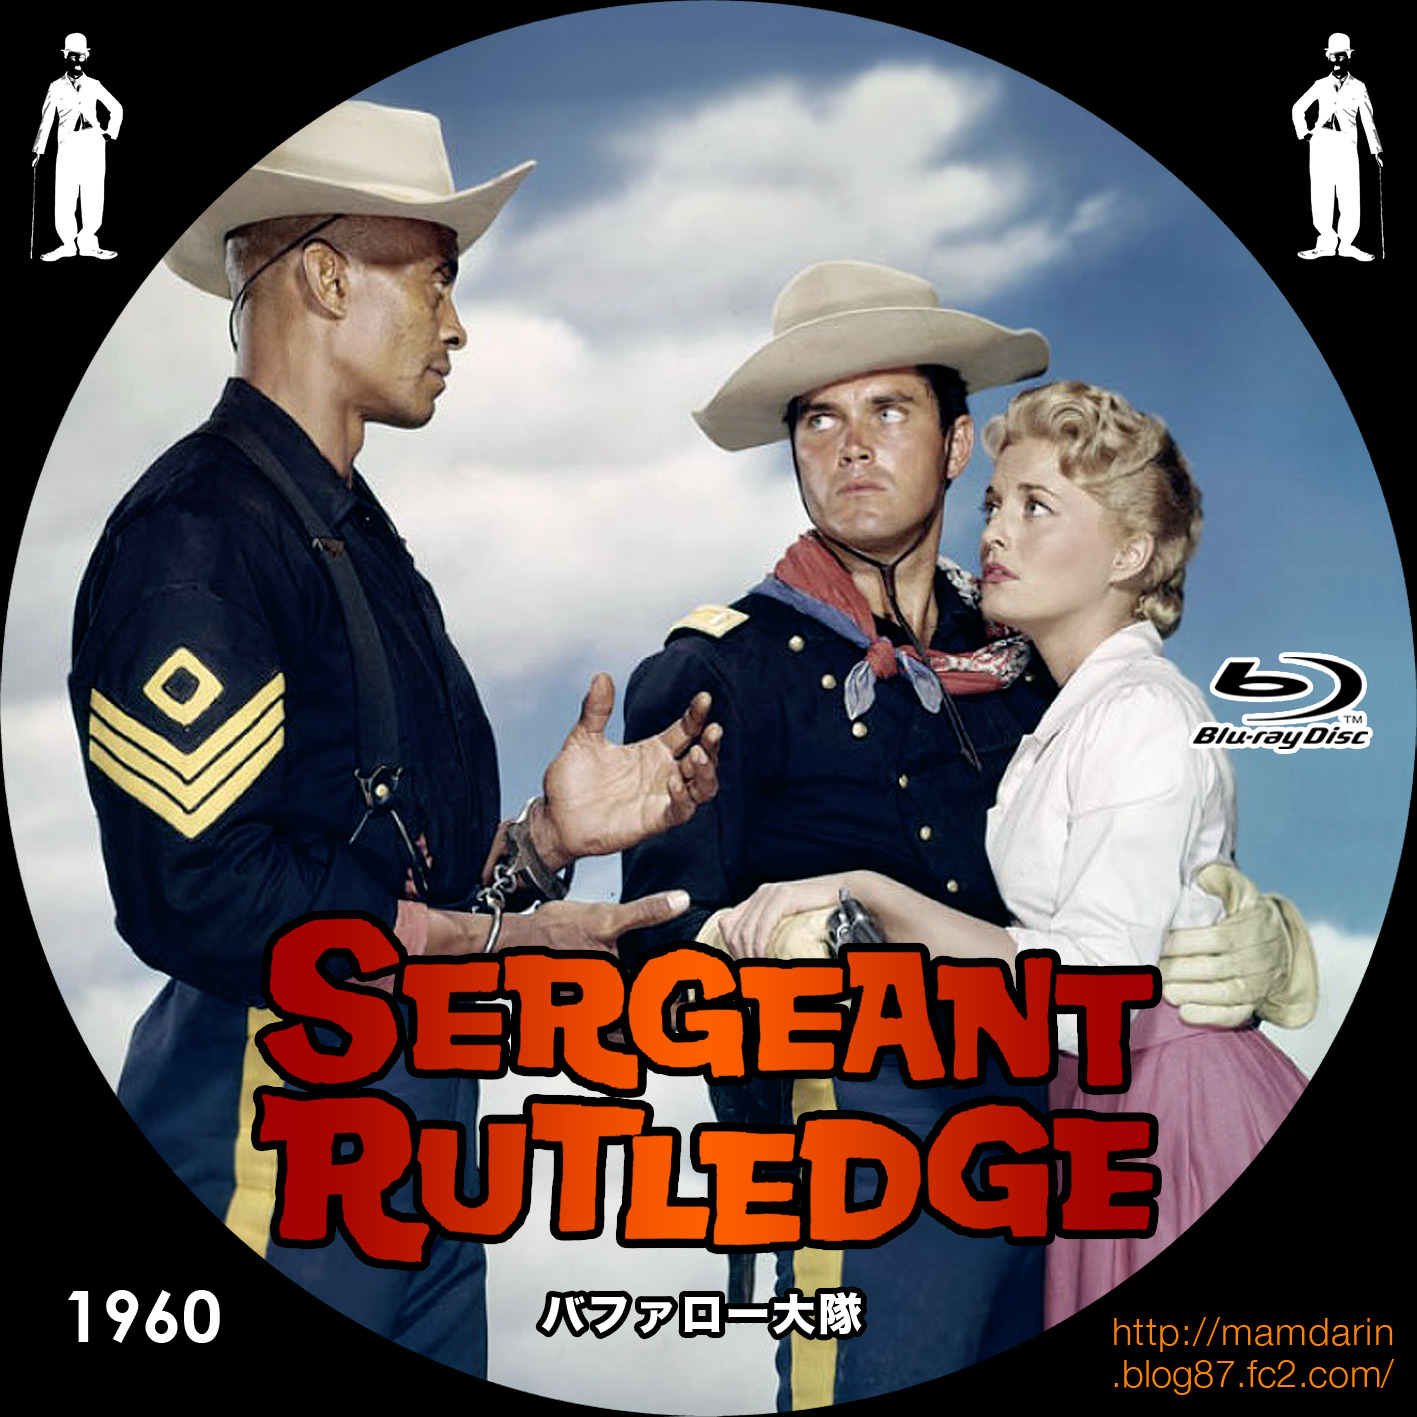 バファロー大隊」 Sergeant Rutledge(1960) - 美しき女たち男たち